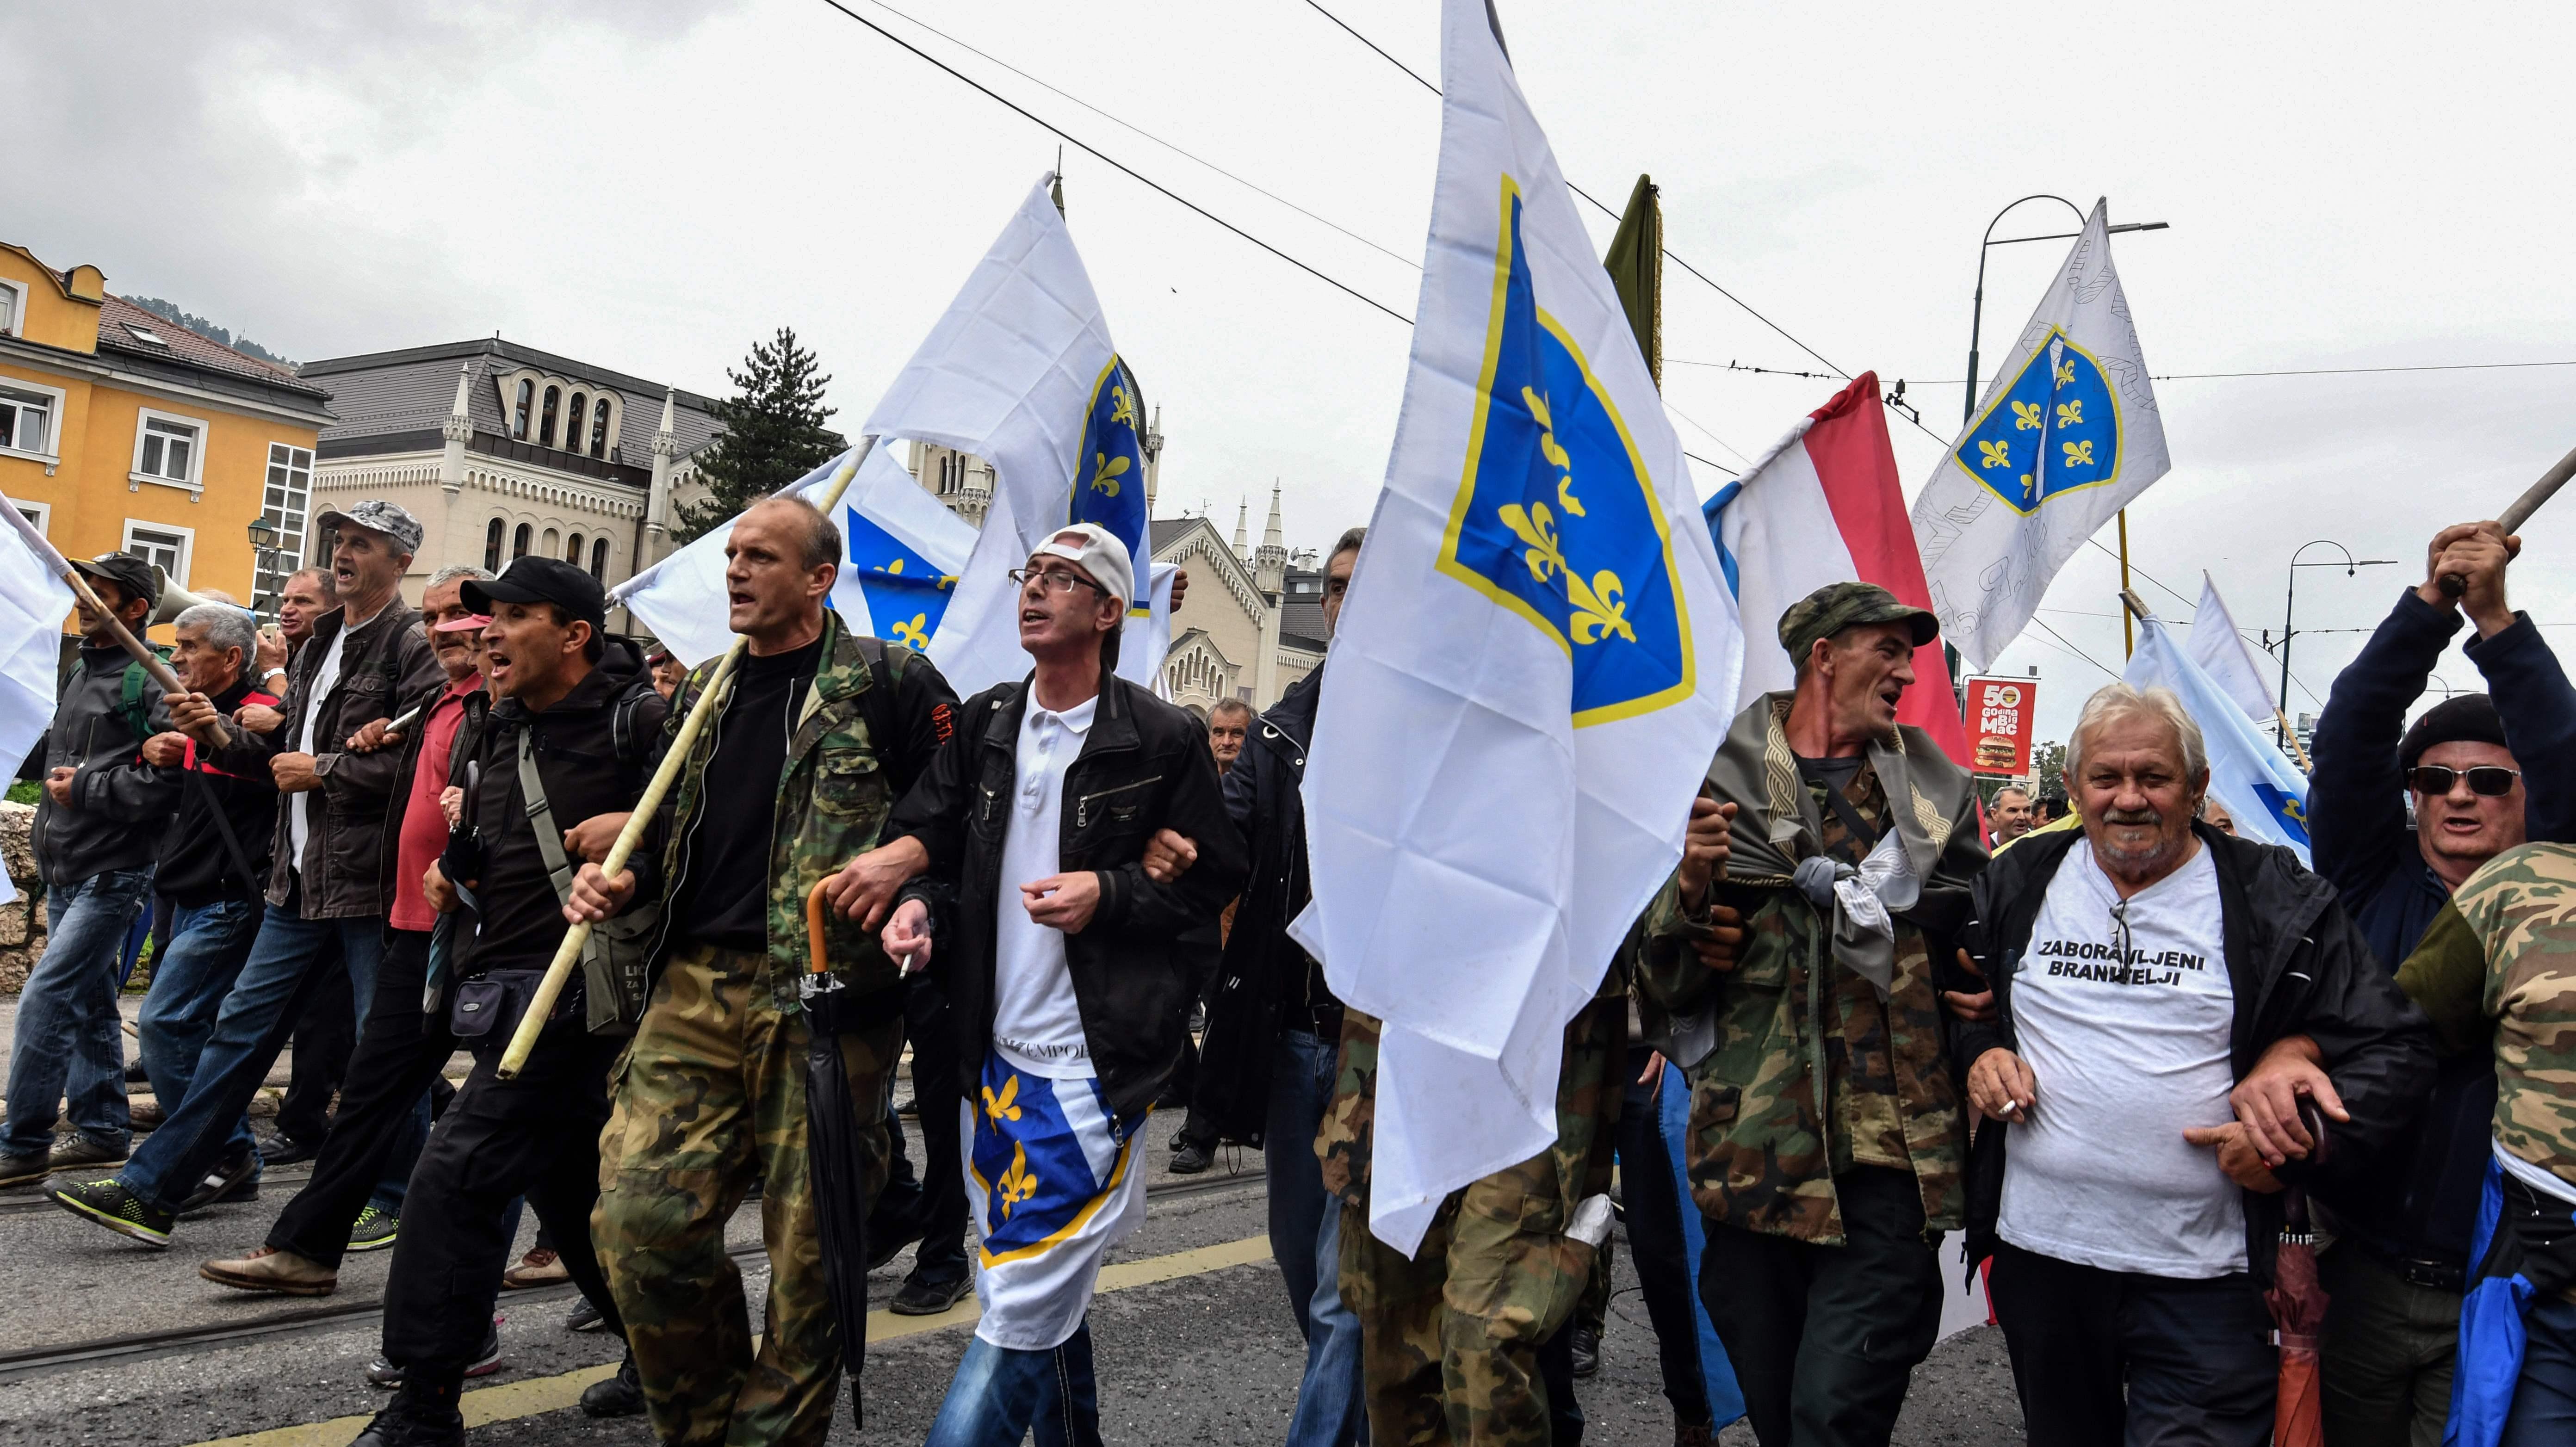 صور.. شرطة البوسنة تشتبك مع مئات من المحاربين القدماء بالعاصمة سراييفو  1260529-البوسنة-(5)